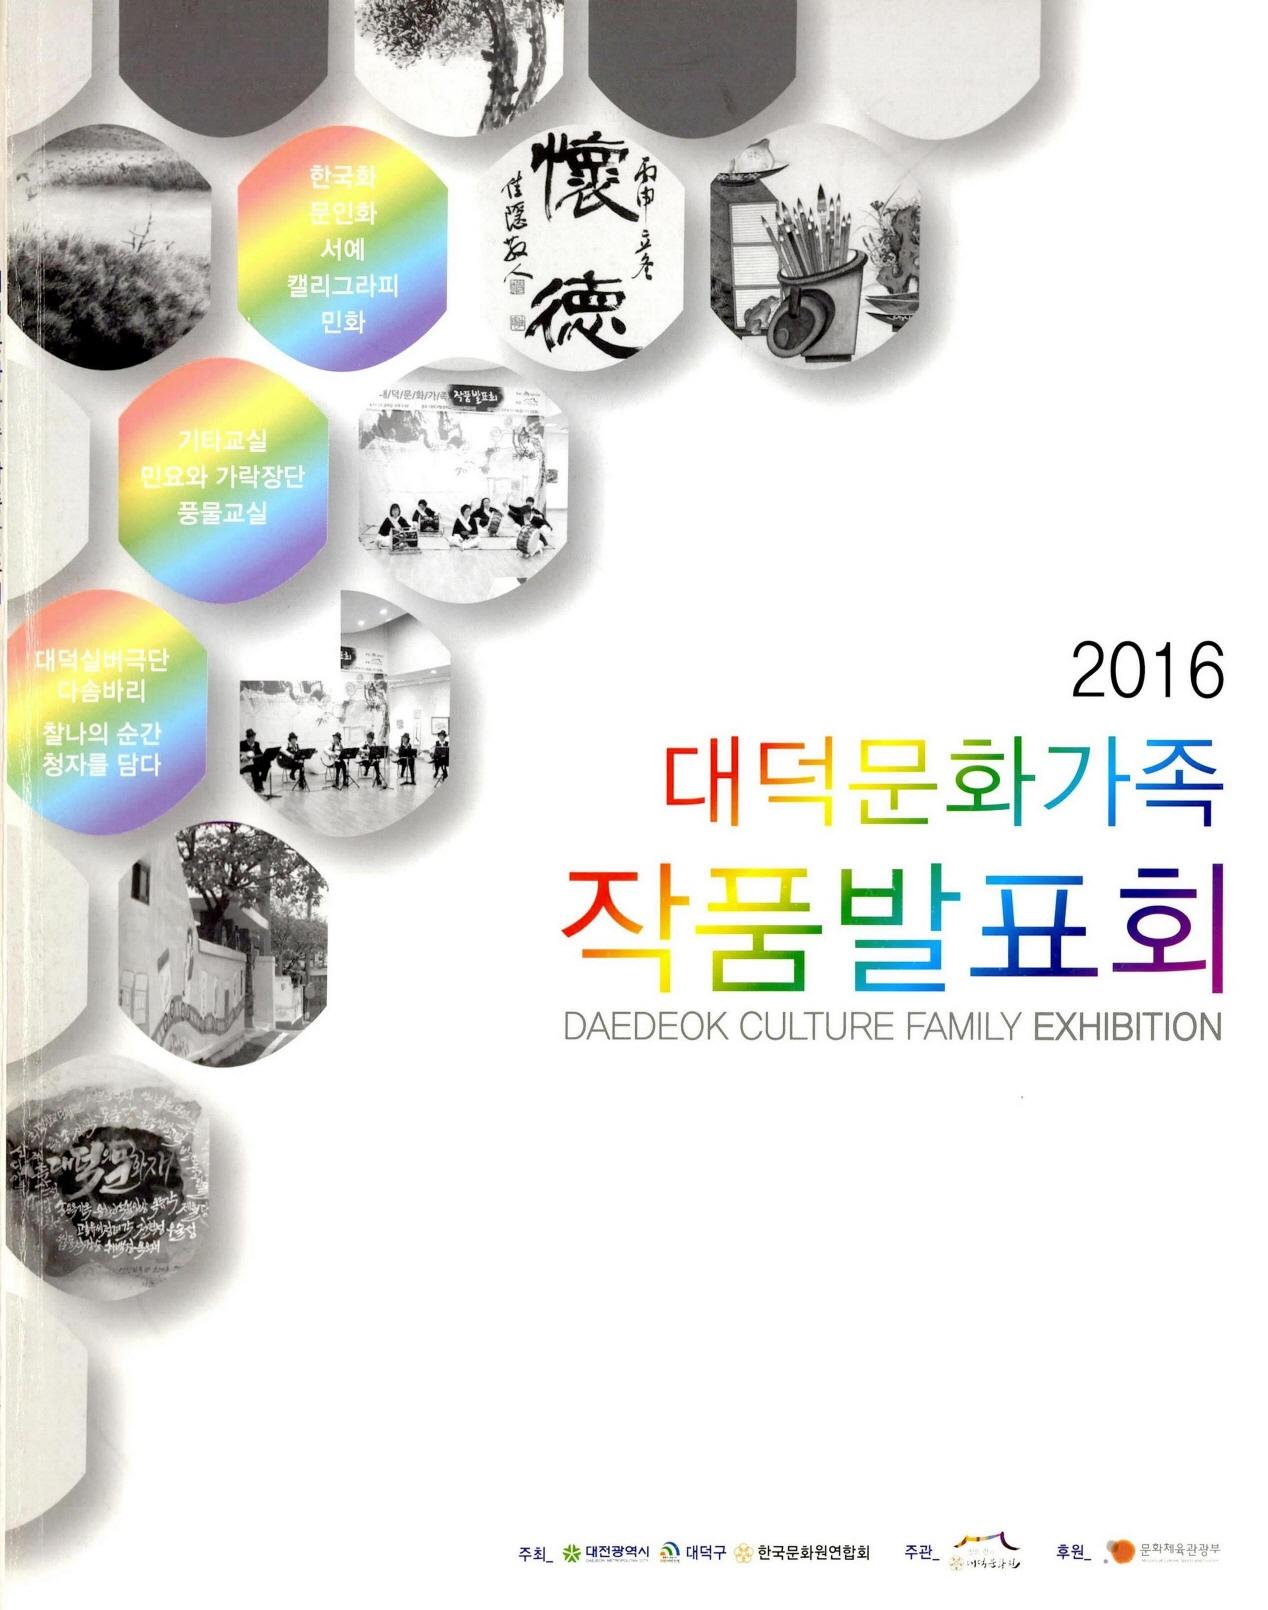 2016 대덕문화가족 작품발표회